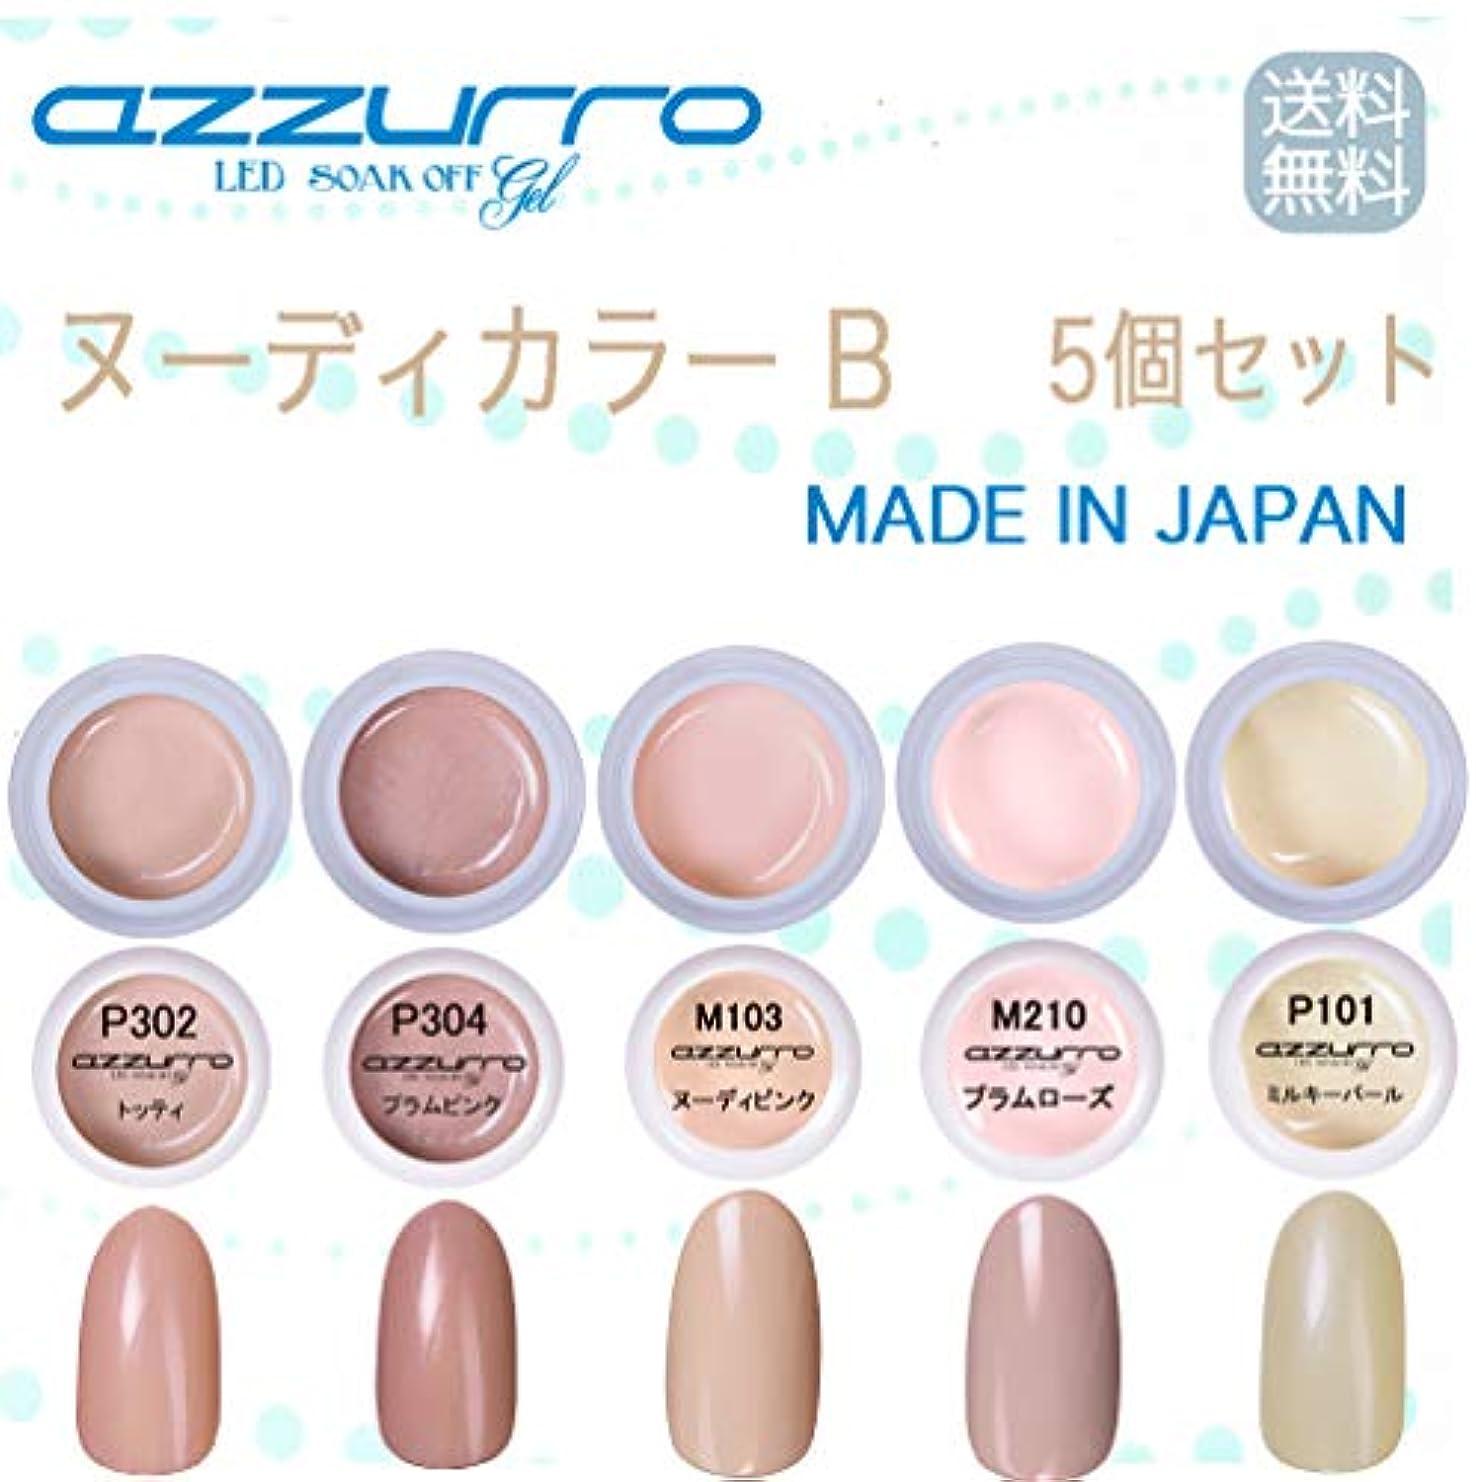 おとなしい倉庫リー【送料無料】日本製 azzurro gel ヌーディカラージェルB5個セット ヌーデイで扱いやすいパールも入った人気カラー